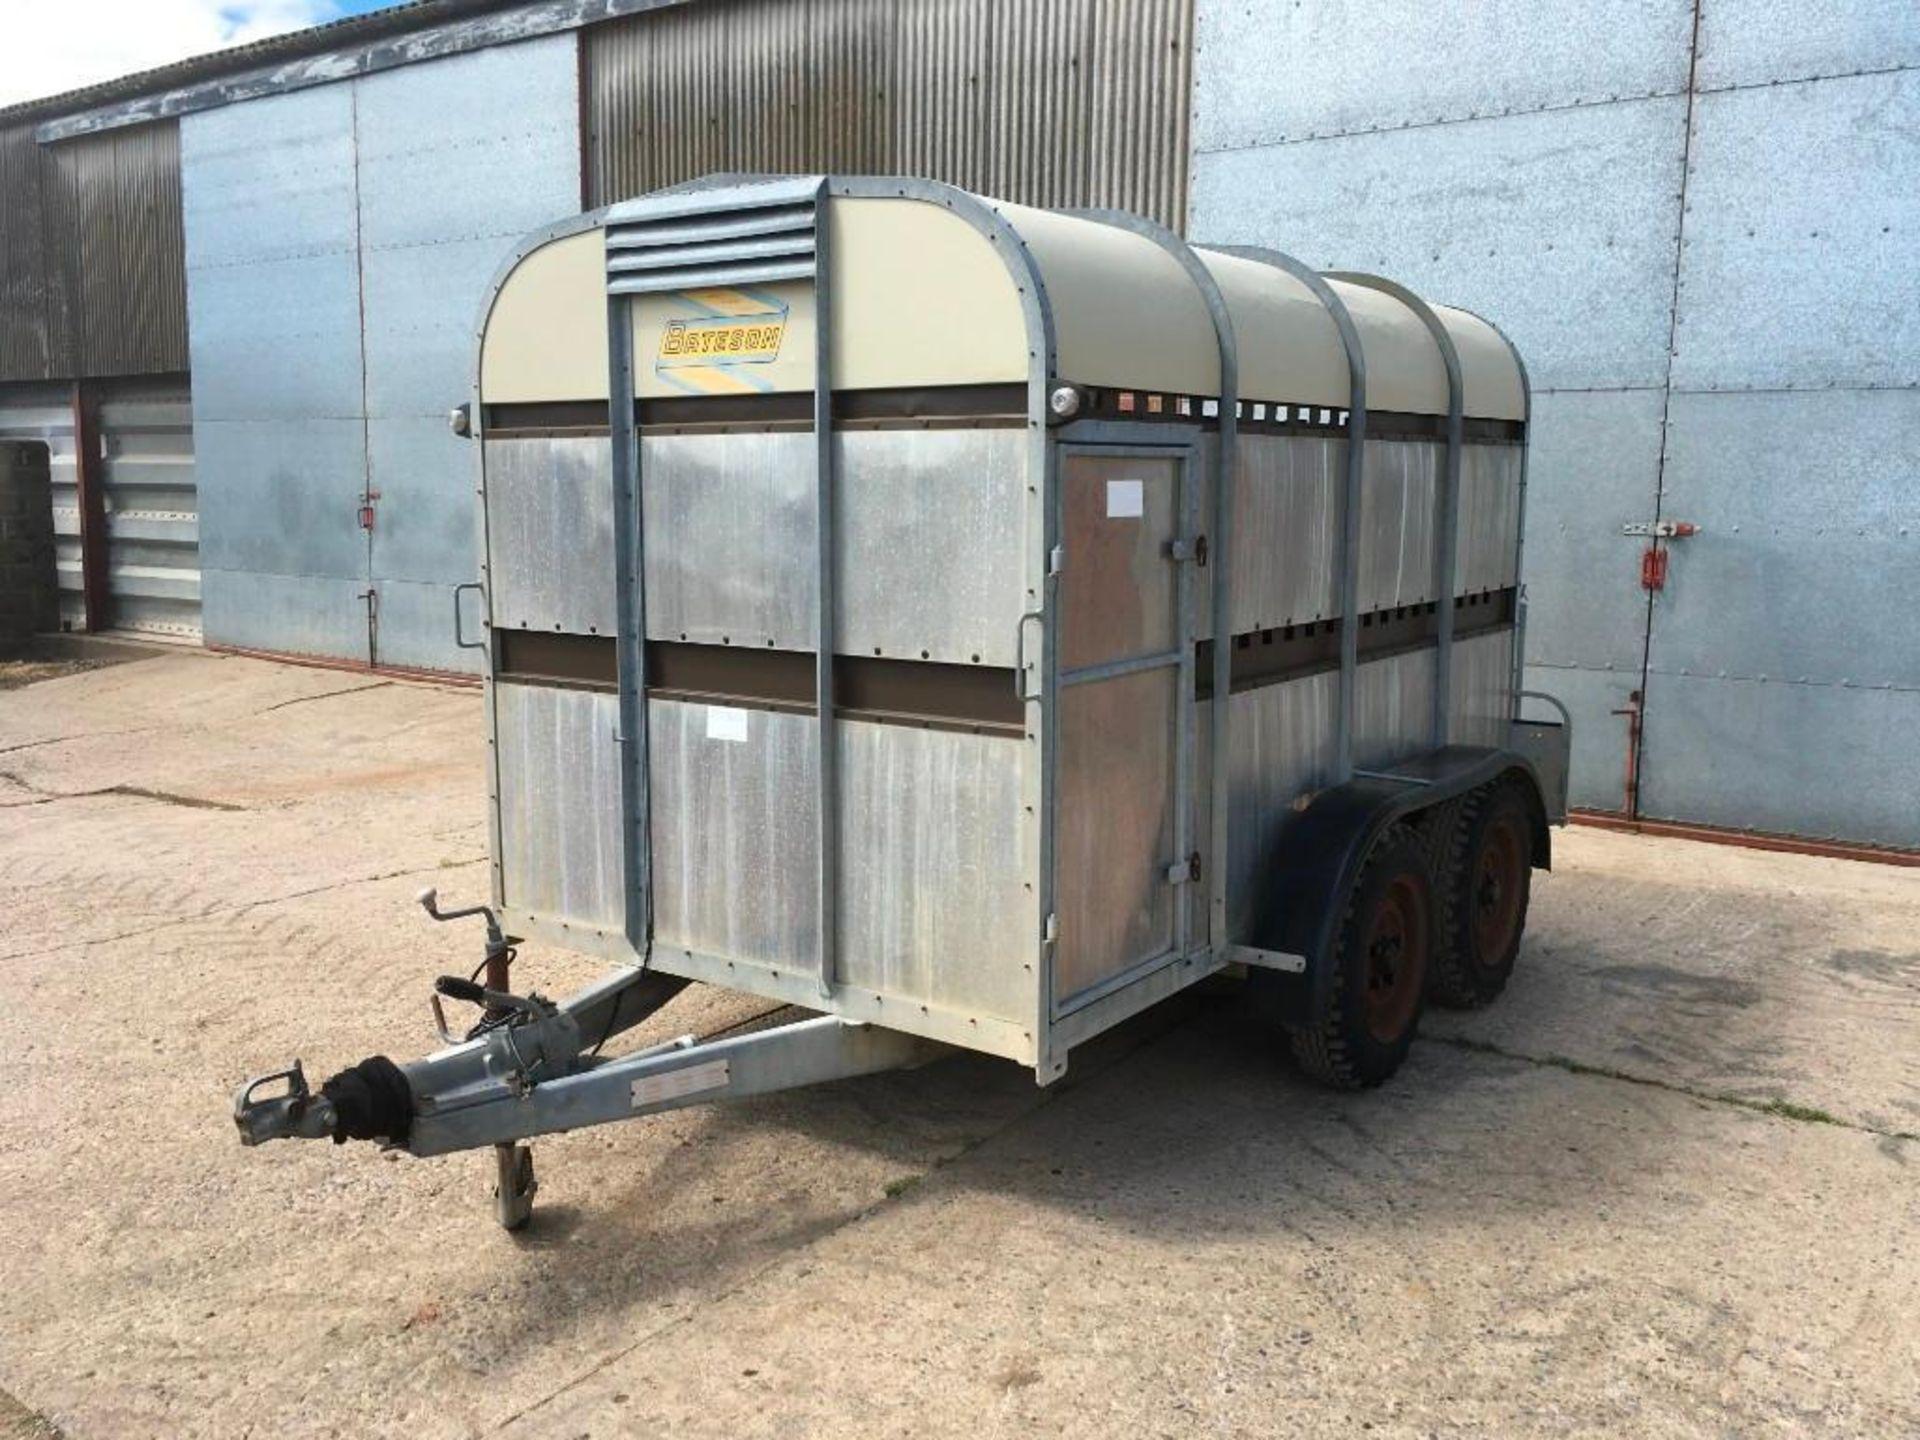 1996 Bateson Trailers 45LT twin axle livestock box, sprung rear door, side door, home made calf part - Image 9 of 14